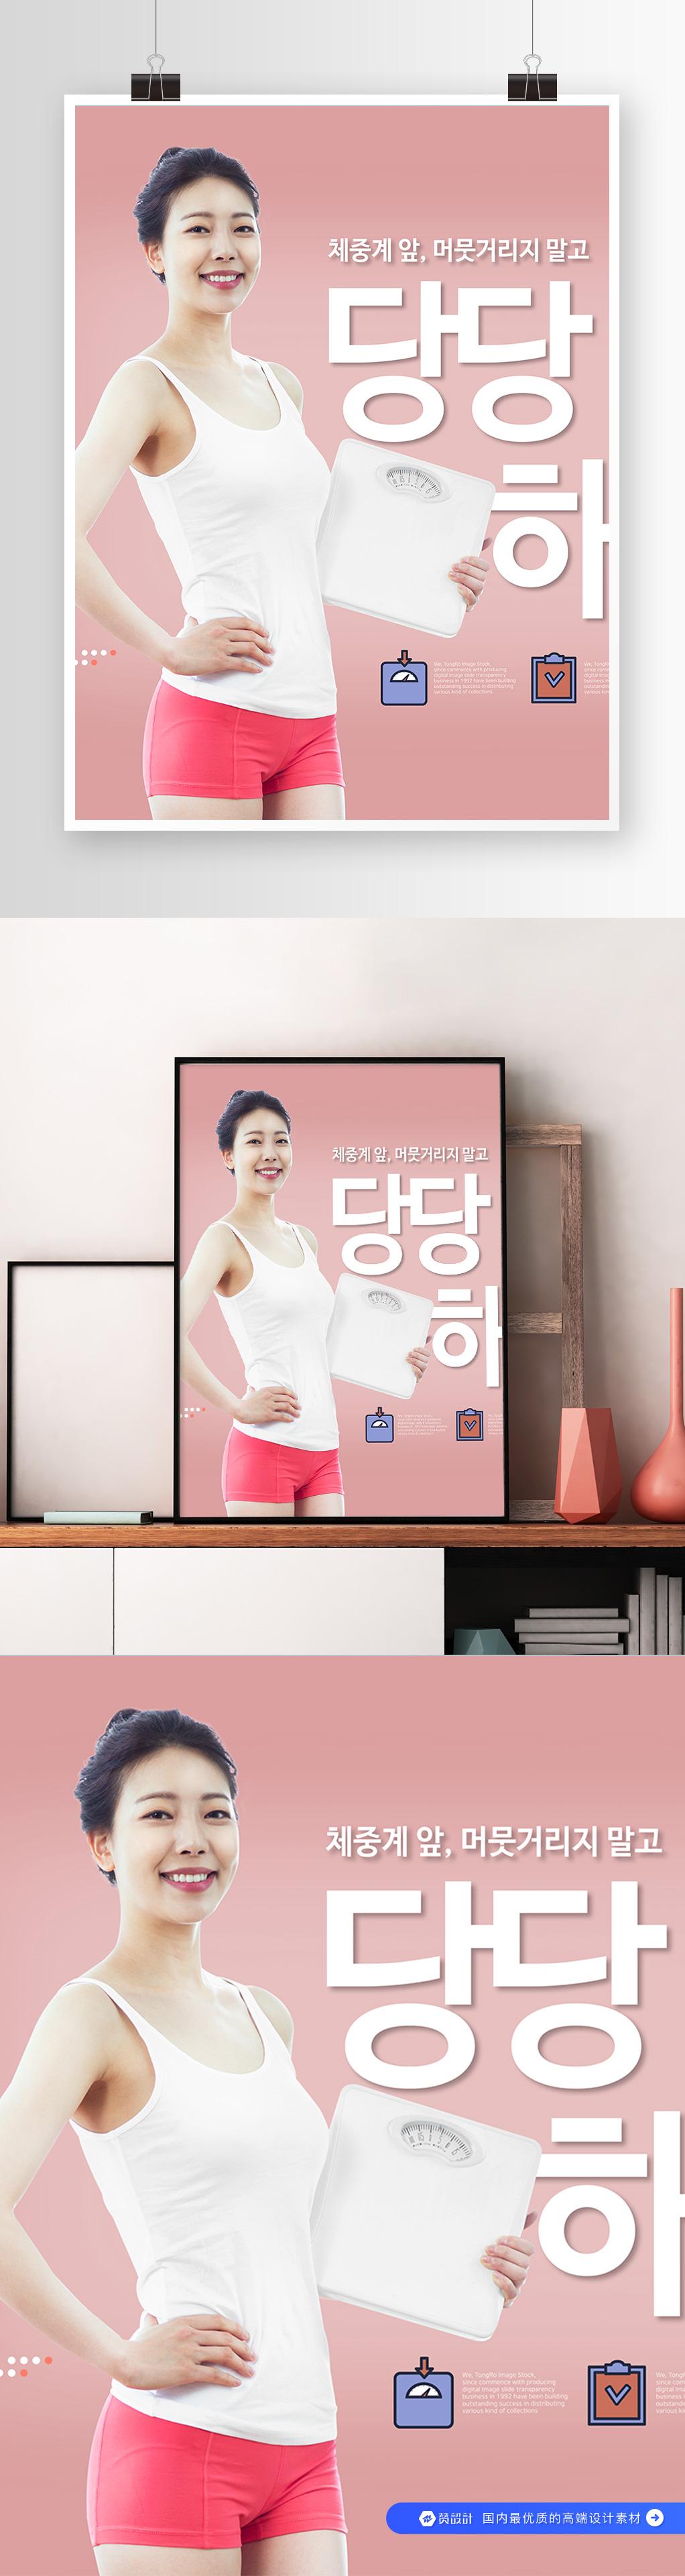 美女减肥 体重秤宣传海报